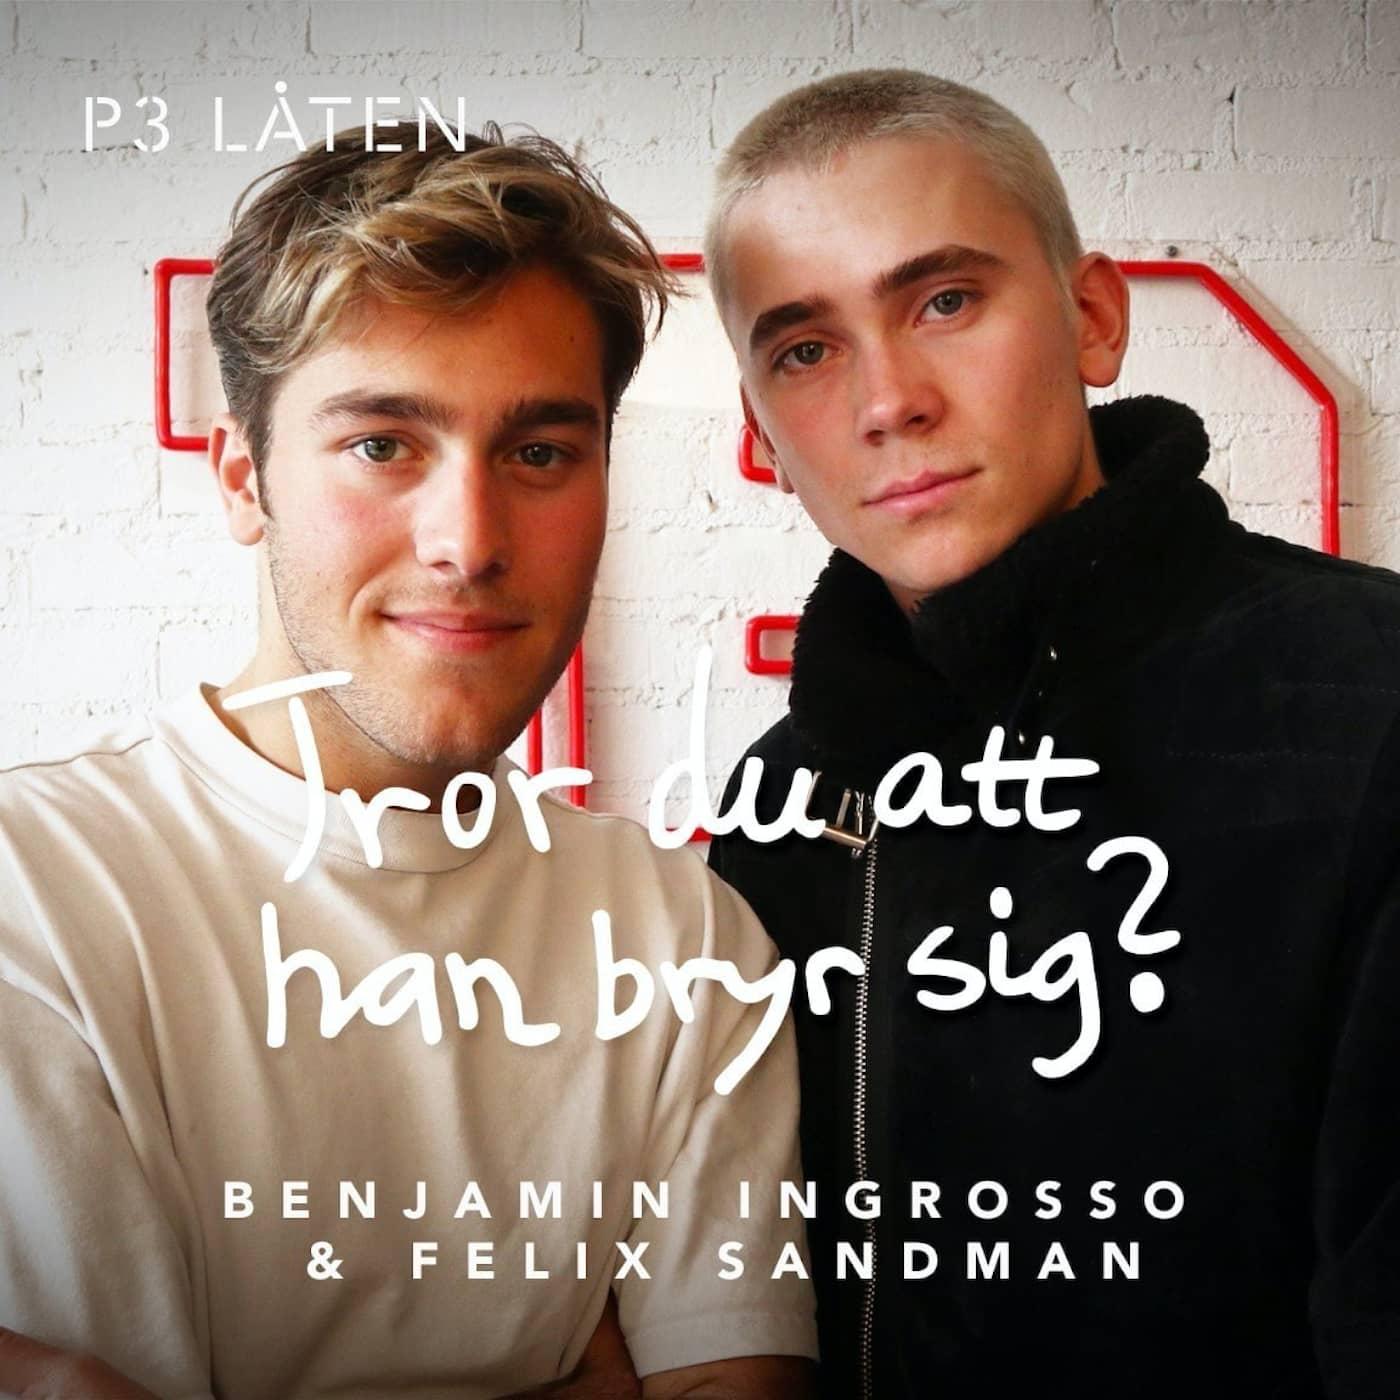 PODDTIPS: P3 Låten Benjamin Ingrosso & Felix Sandman